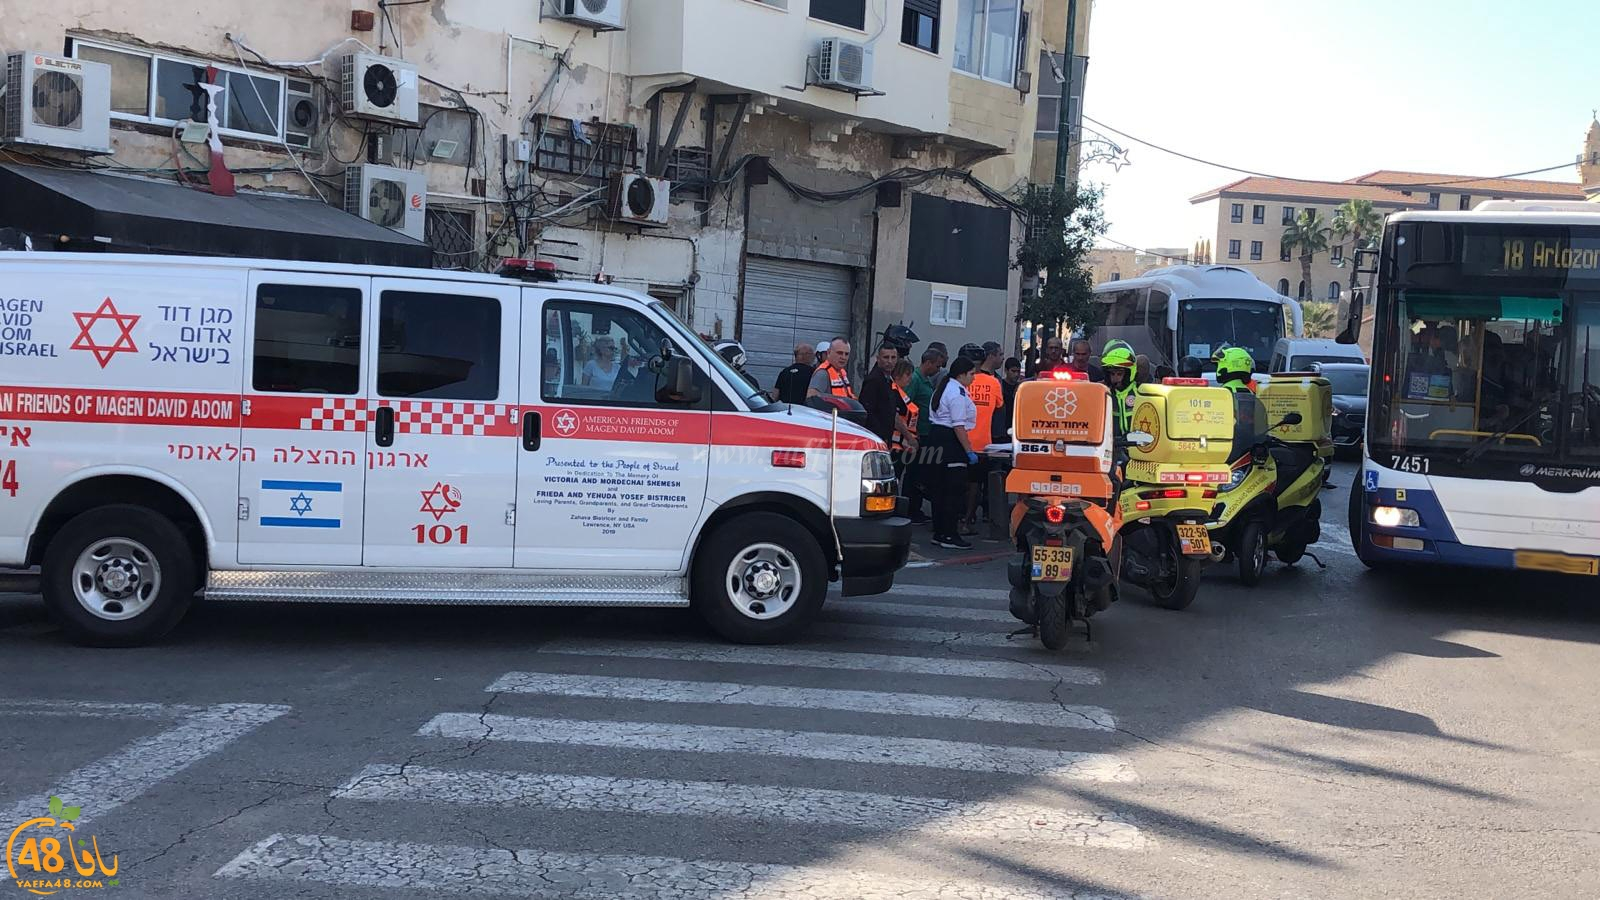 يافا: إصابة طفيفة لراكب دراجة نارية بحادث طرق قرب دوار الساعة